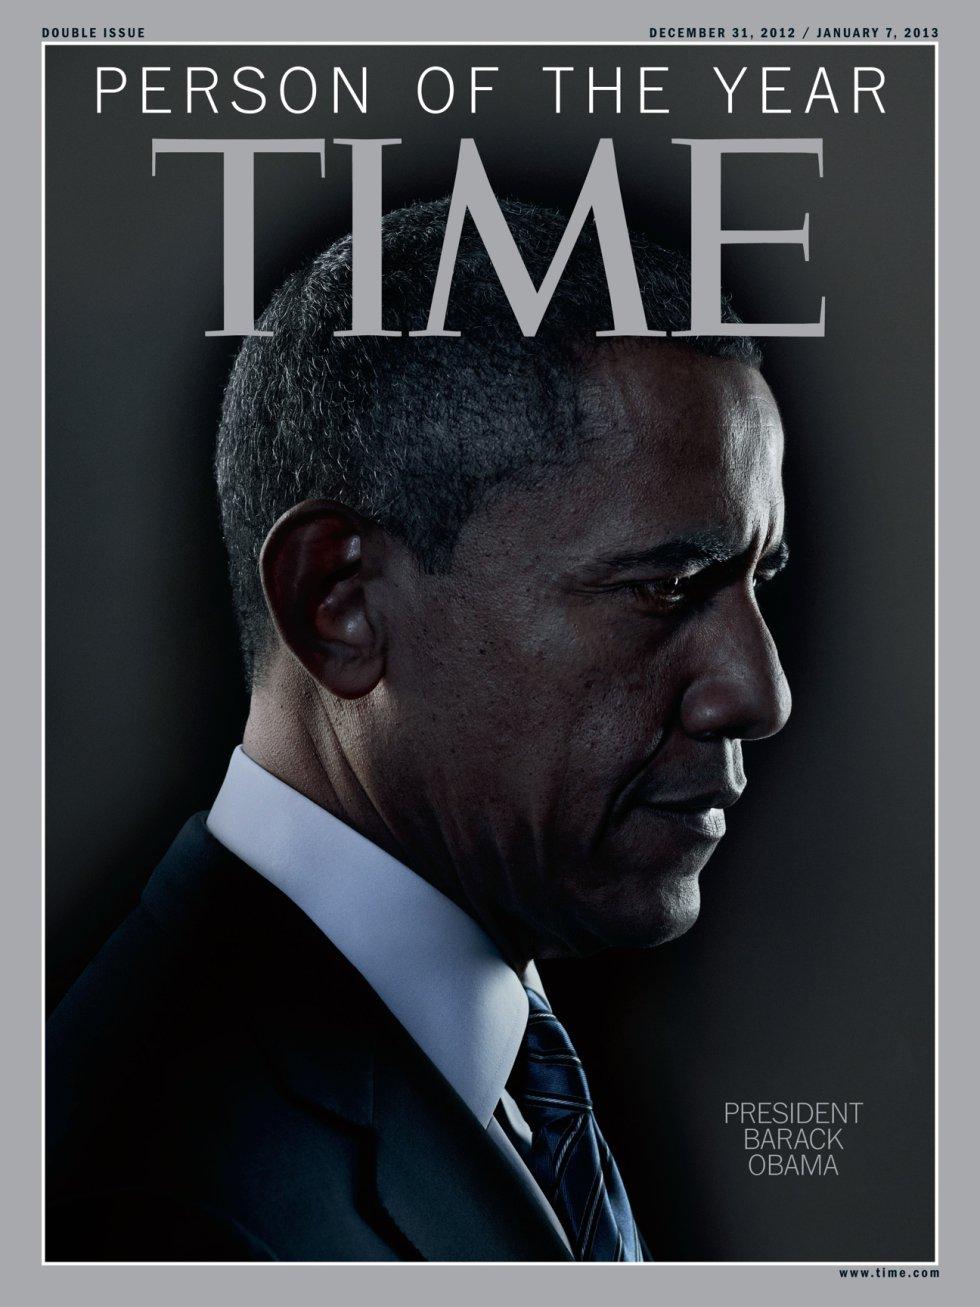 Segunda ocasión en que el presidente de los EEUU es la persona del año